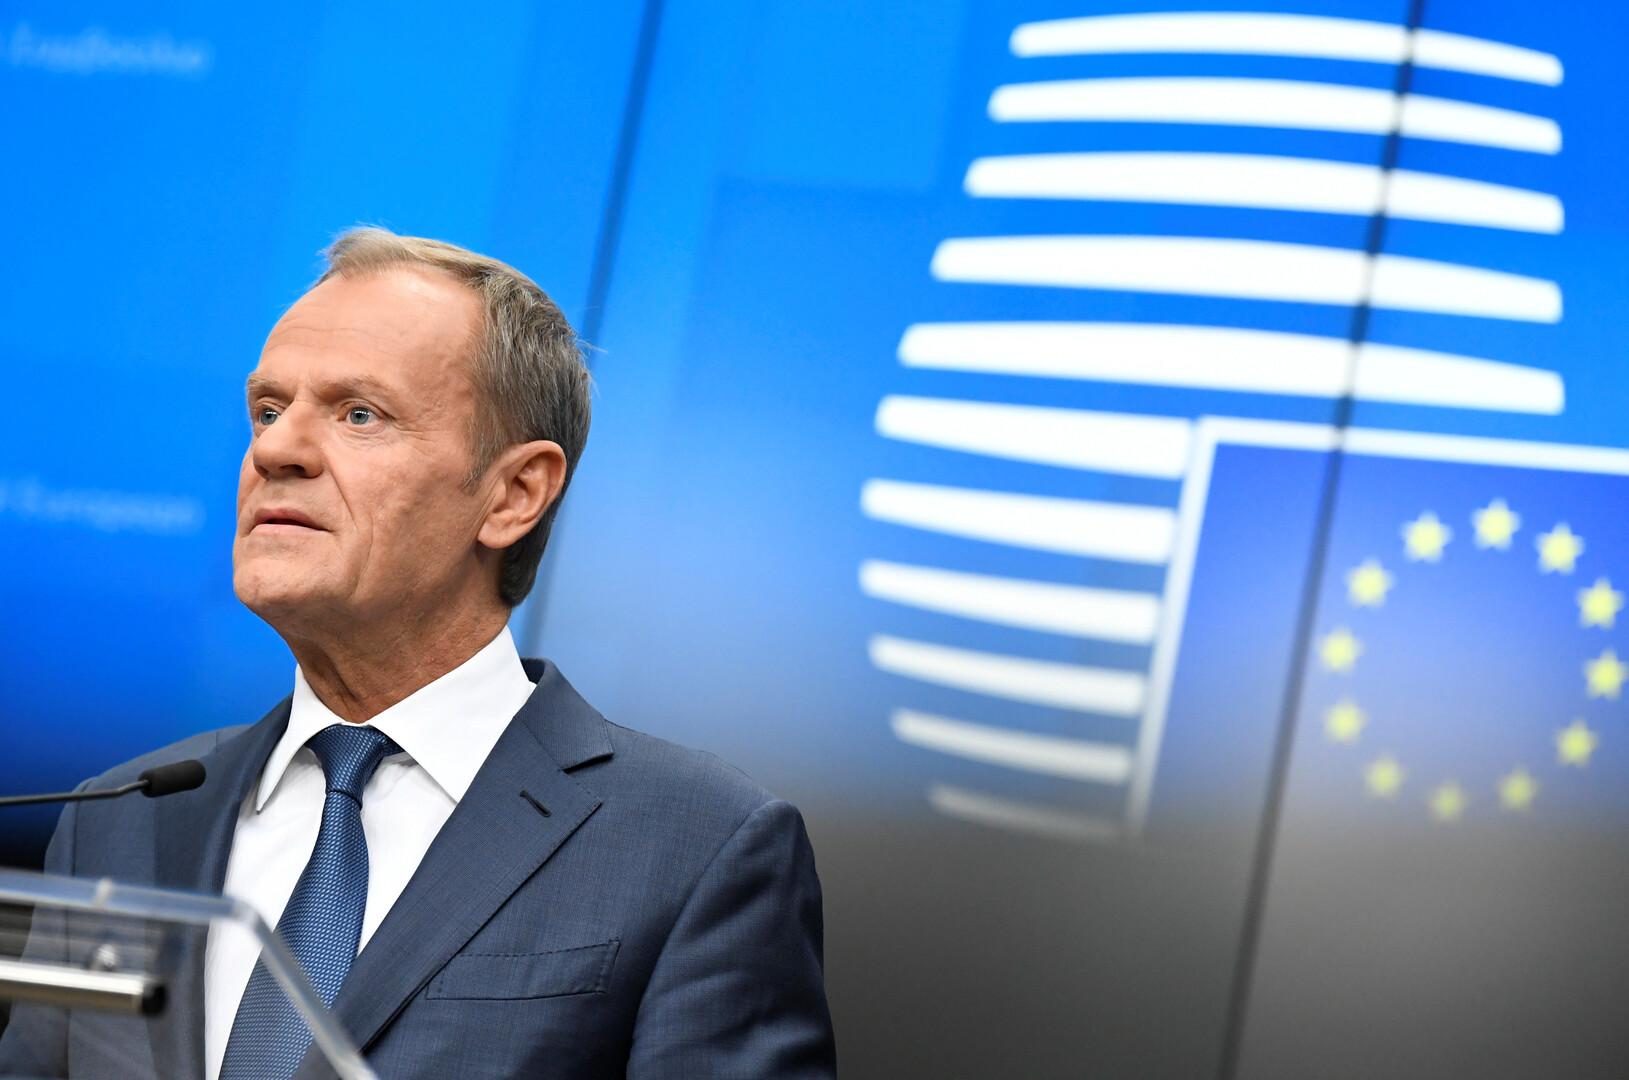 رئيس المجلس الأوروبي يهاجم اتفاق وقف إطلاق النار شمال شرقي سوريا